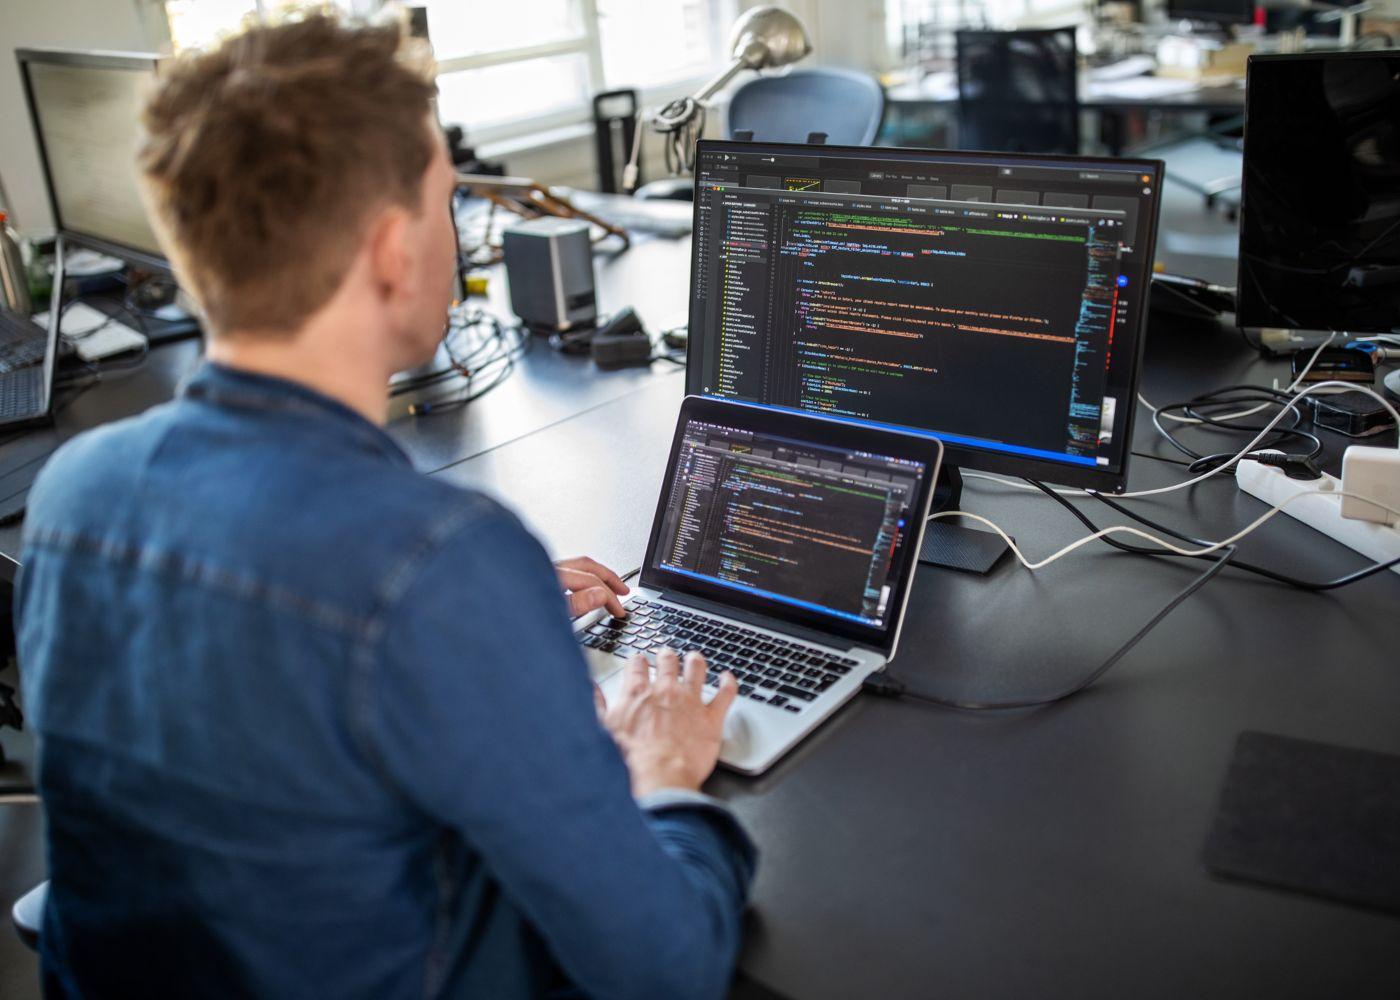 programador a trabalhar com dois ecrãs